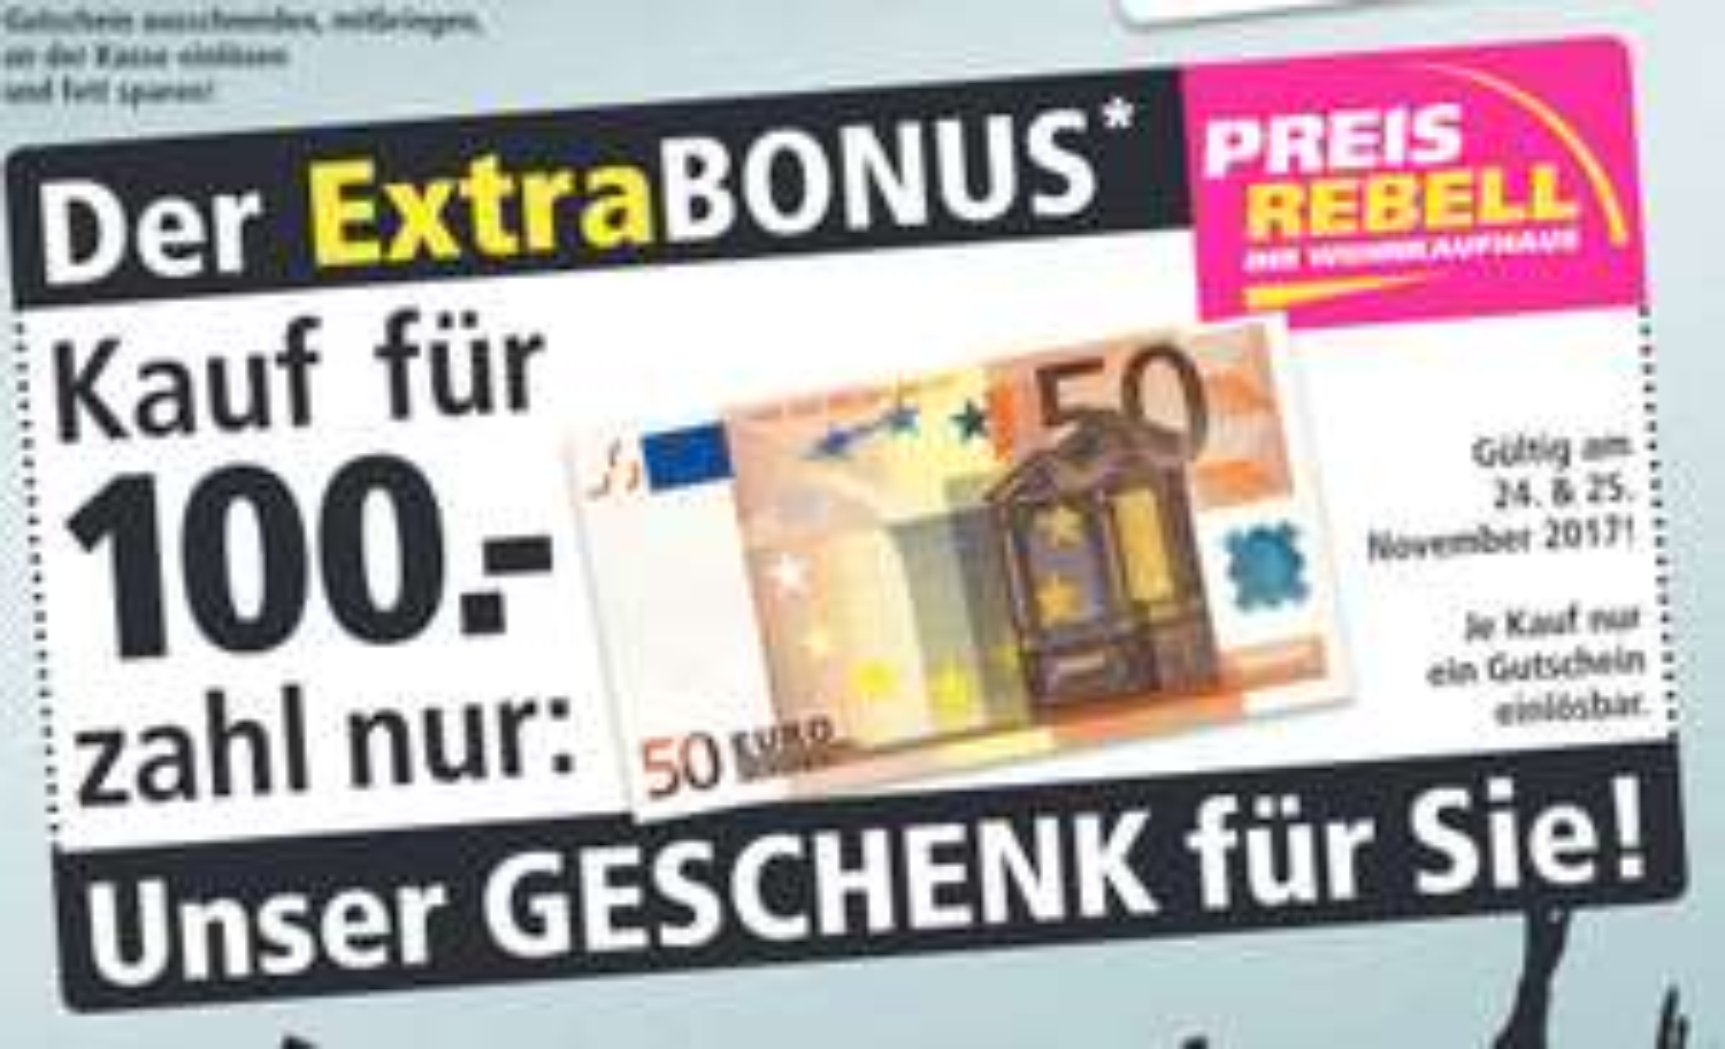 [Lokal: Paderborn, Münster und Erfurt] Preisrebell 50 € Rabatt ab 100 € Einkauf